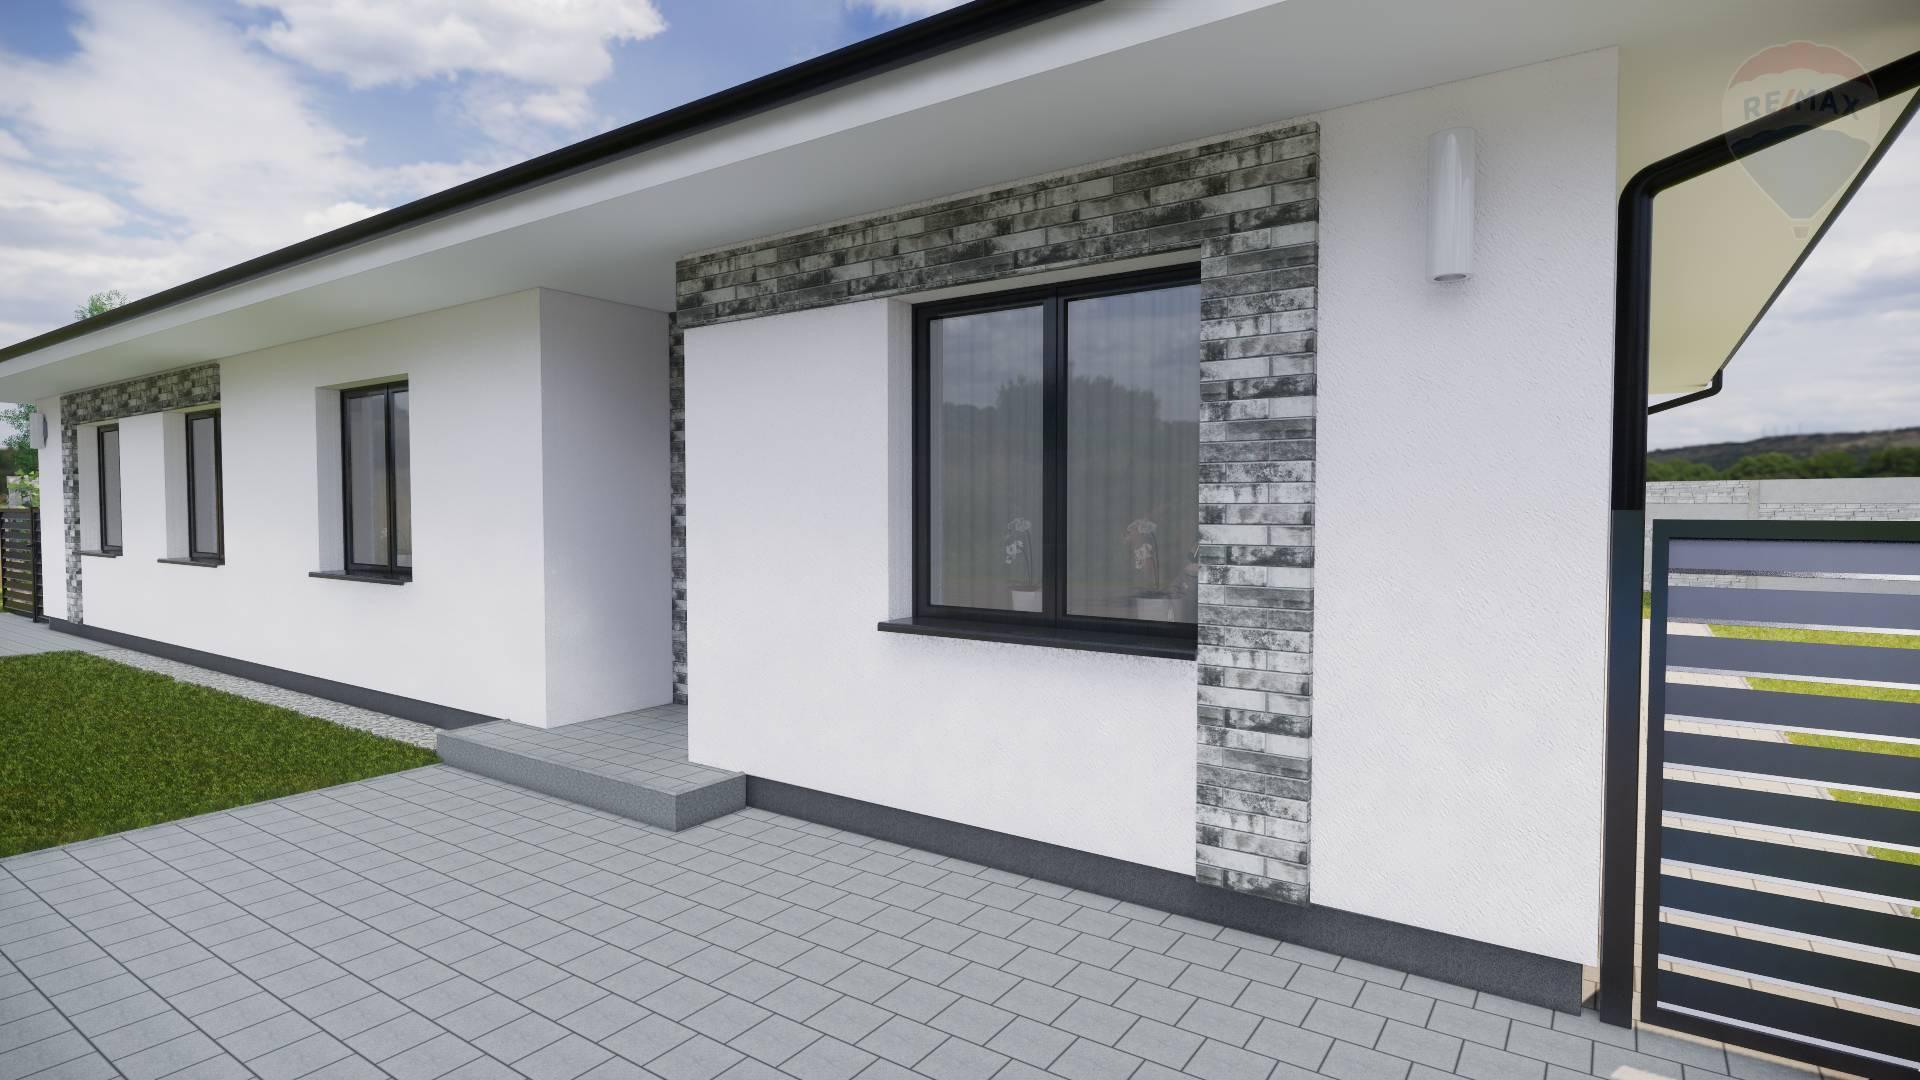 Predaj: Rodinný dom, Dunajská Streda, 4 izby, pozemok 300 m2, novostavba, dvojdom